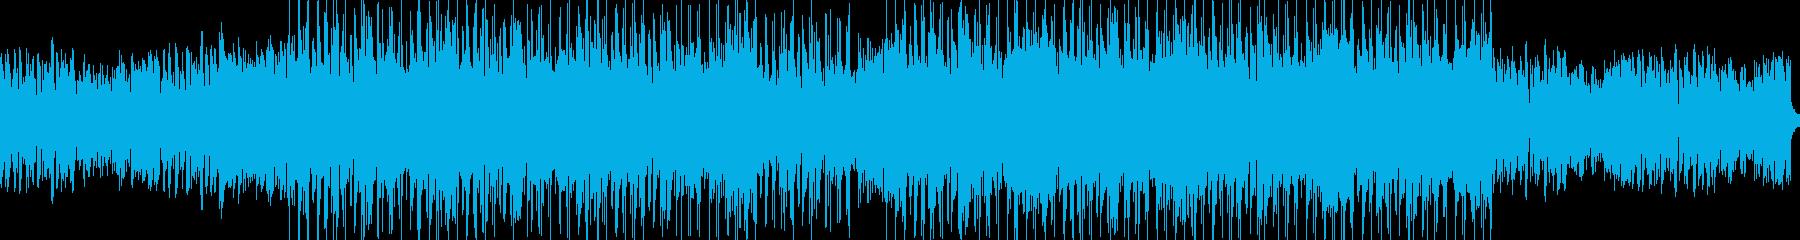 トラップ ヒップホップ 実験的 エ...の再生済みの波形